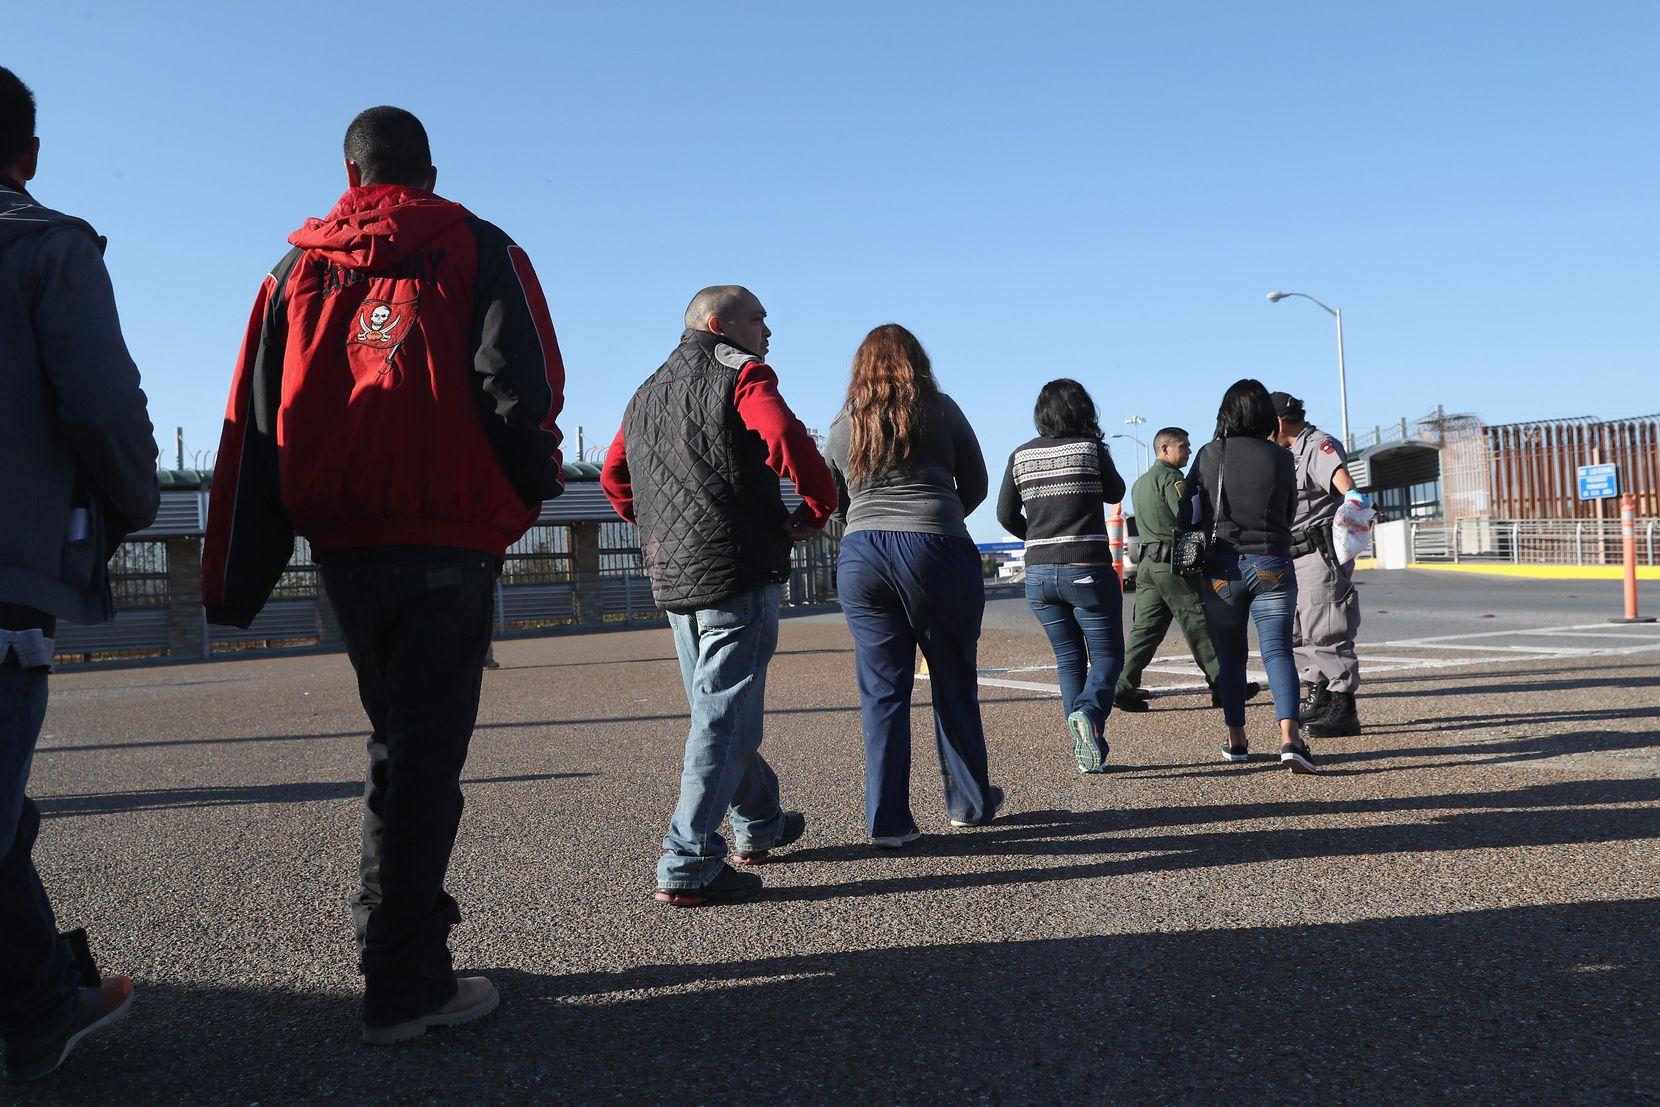 Un grupo de migrantes son deportados por medio de un puente internacionalen Hidalgo Texas. ICE dice que ha detenido a 66,000 personas pero más detenciones no necesariamente se traducen en deportaciones. GETTY IMAGES